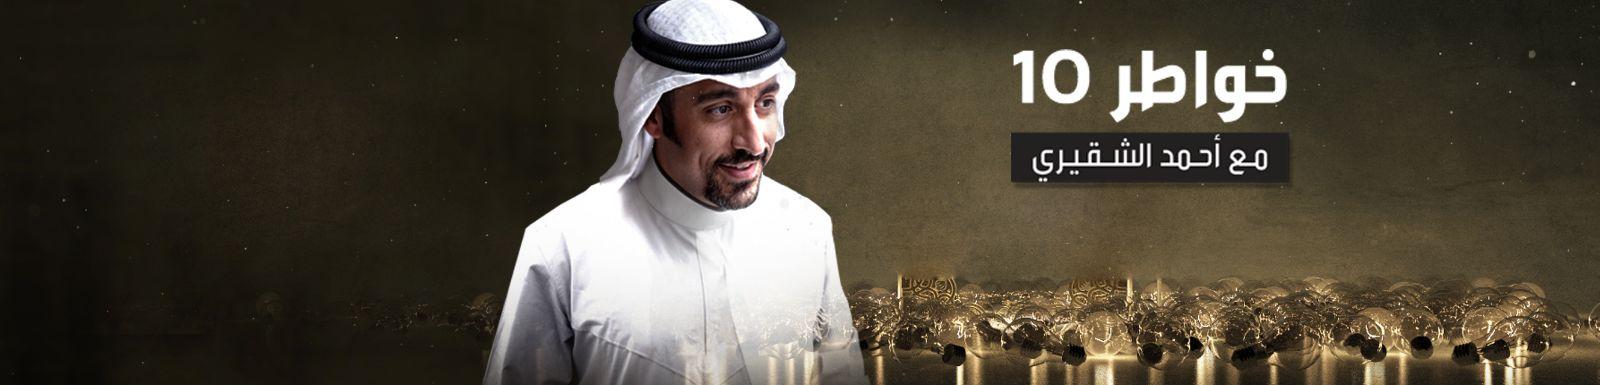 موعد وتوقيت عرض برنامج خواطر 10 أحمد الشقيرى على قناة mbc 1